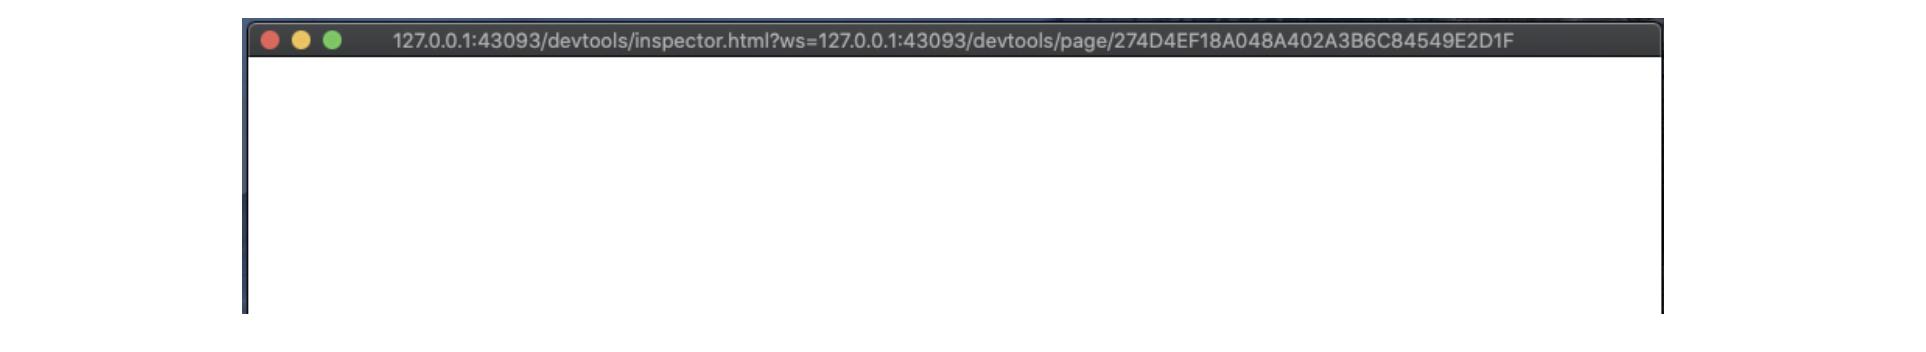 Blank screen at 127.0.0.1:43093